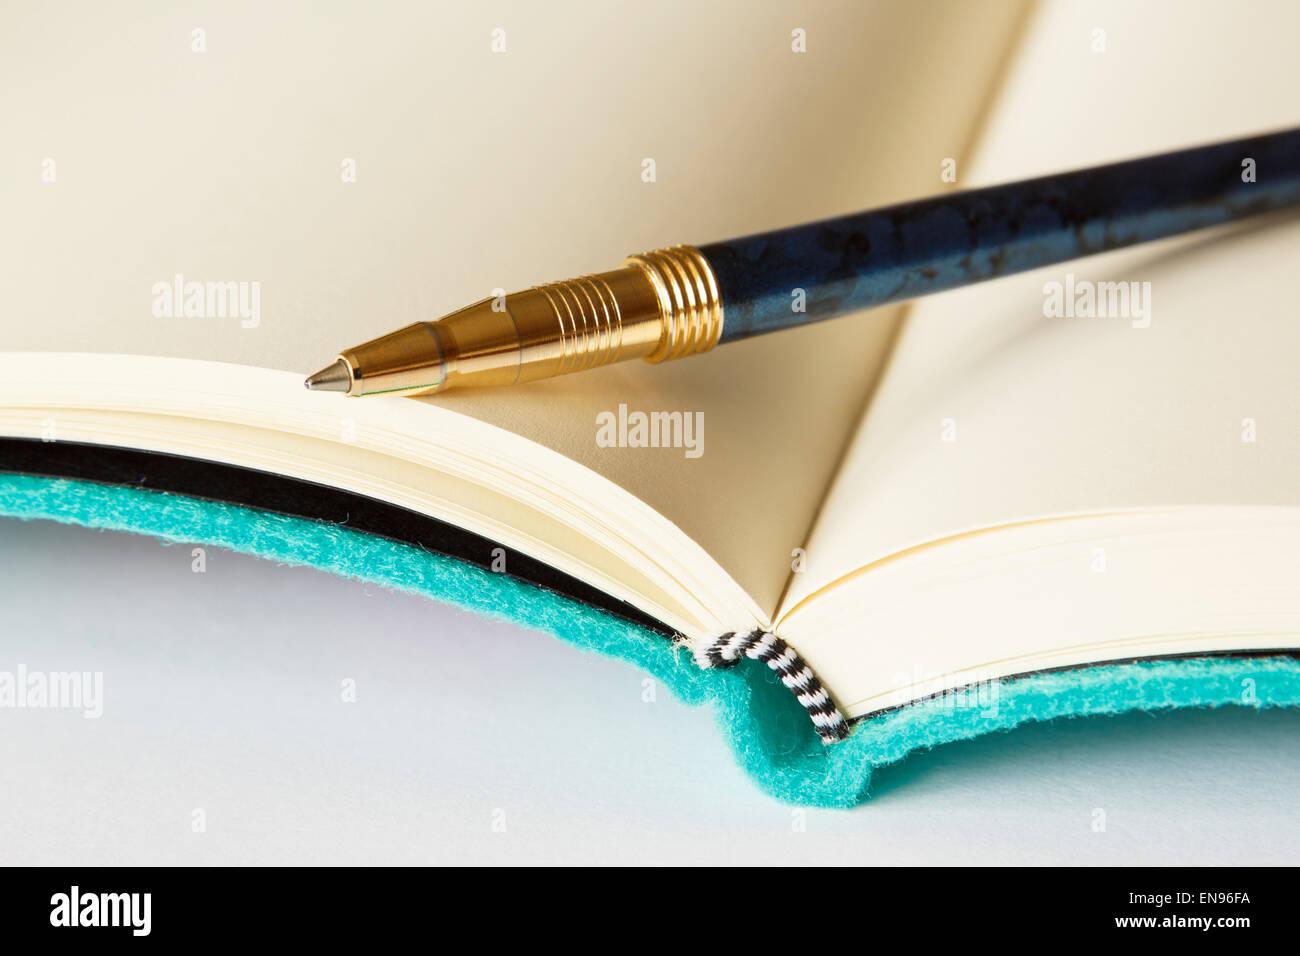 Abrir bloc de notas en blanco con un bolígrafo en la página sobre una superficie plana, de fondo blanco. Imagen De Stock